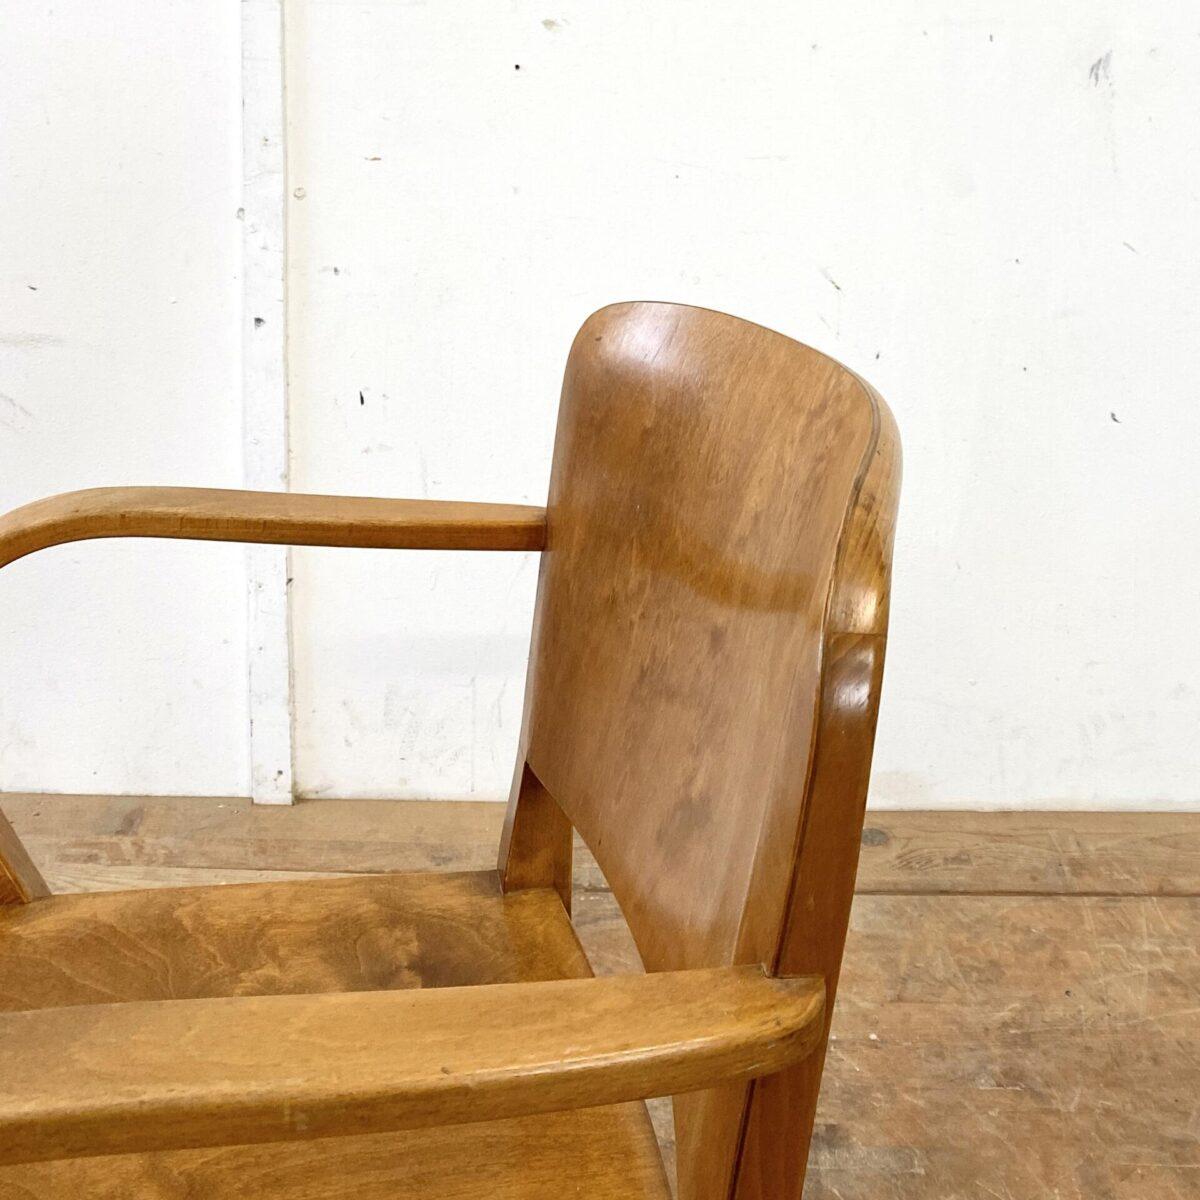 Deuxieme.shop swissdesign Klassiker Häfeli. Horgenglarus Armlehnstuhl von Max Ernst Haefeli, Modell Splendide aus den 30er Jahren. Der Stuhl ist in schönem stabilen Original Zustand. Sitzfläche und Lehne aus Birken Formsperrholz, Beine und Armlehnen Buche Vollholz, Dampfgebogen.